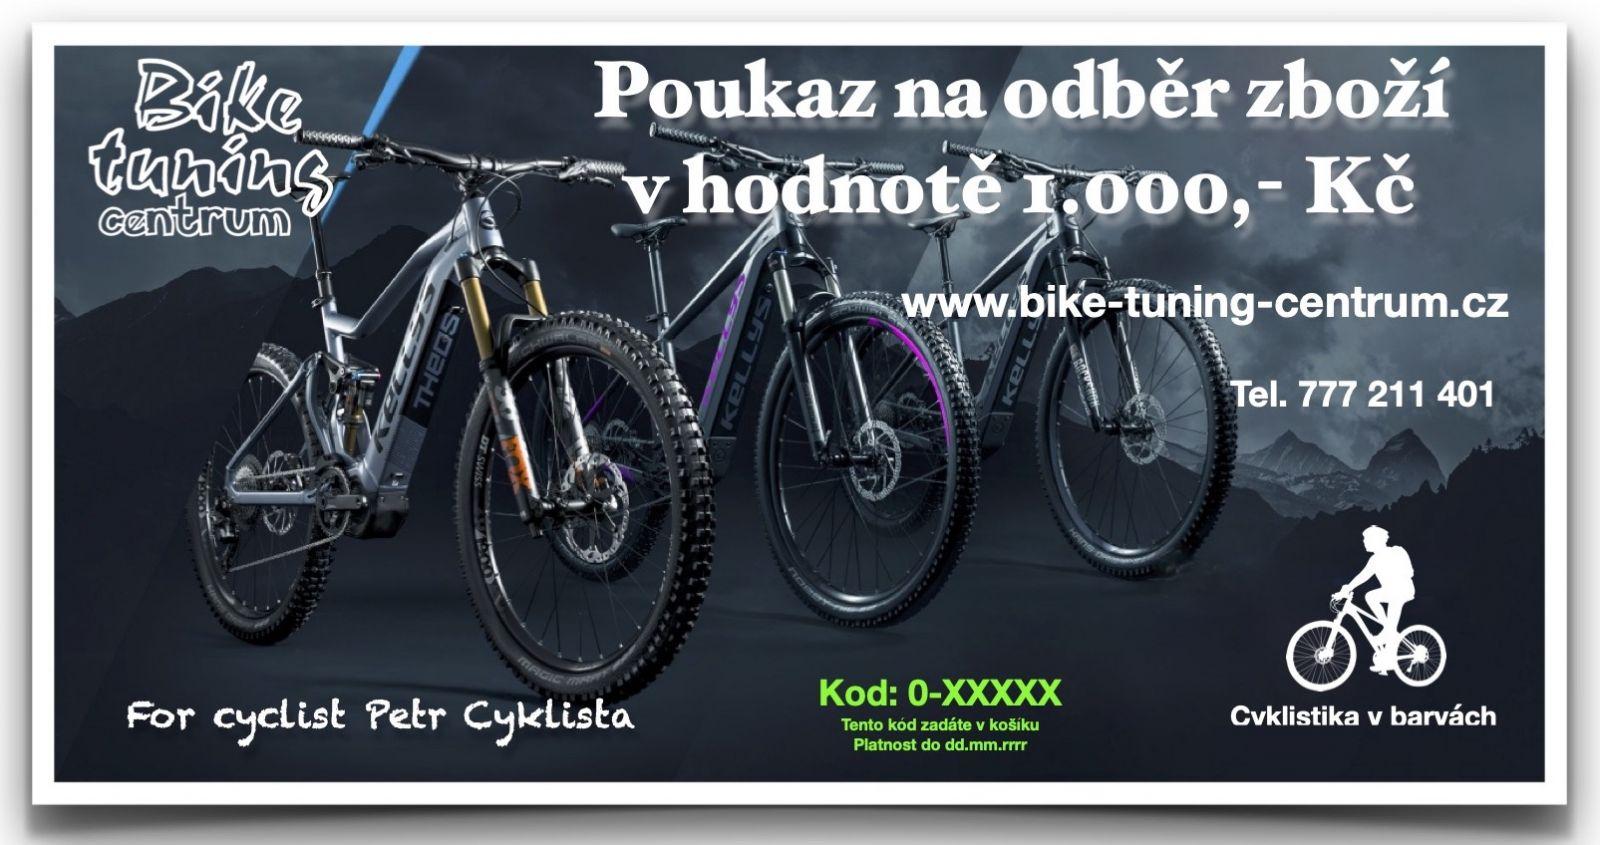 Dárkový poukaz v hodnotě 1.000,- Kč Bike tuning centrum